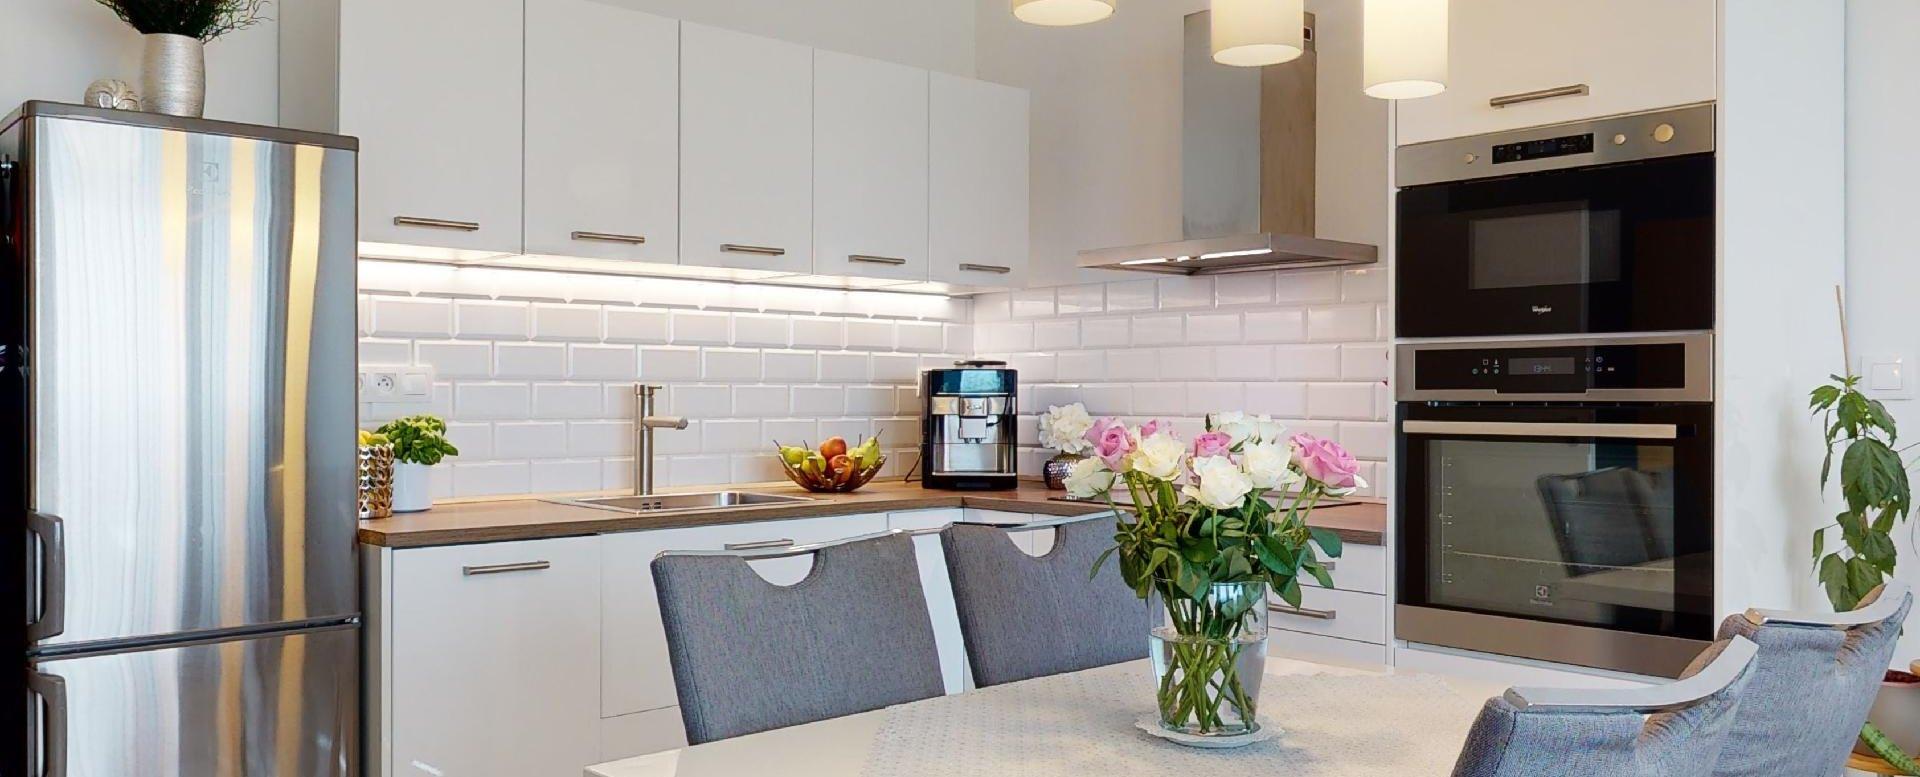 kuchynský stôl so stoličkami a kuchynská linka so spotrebičmi